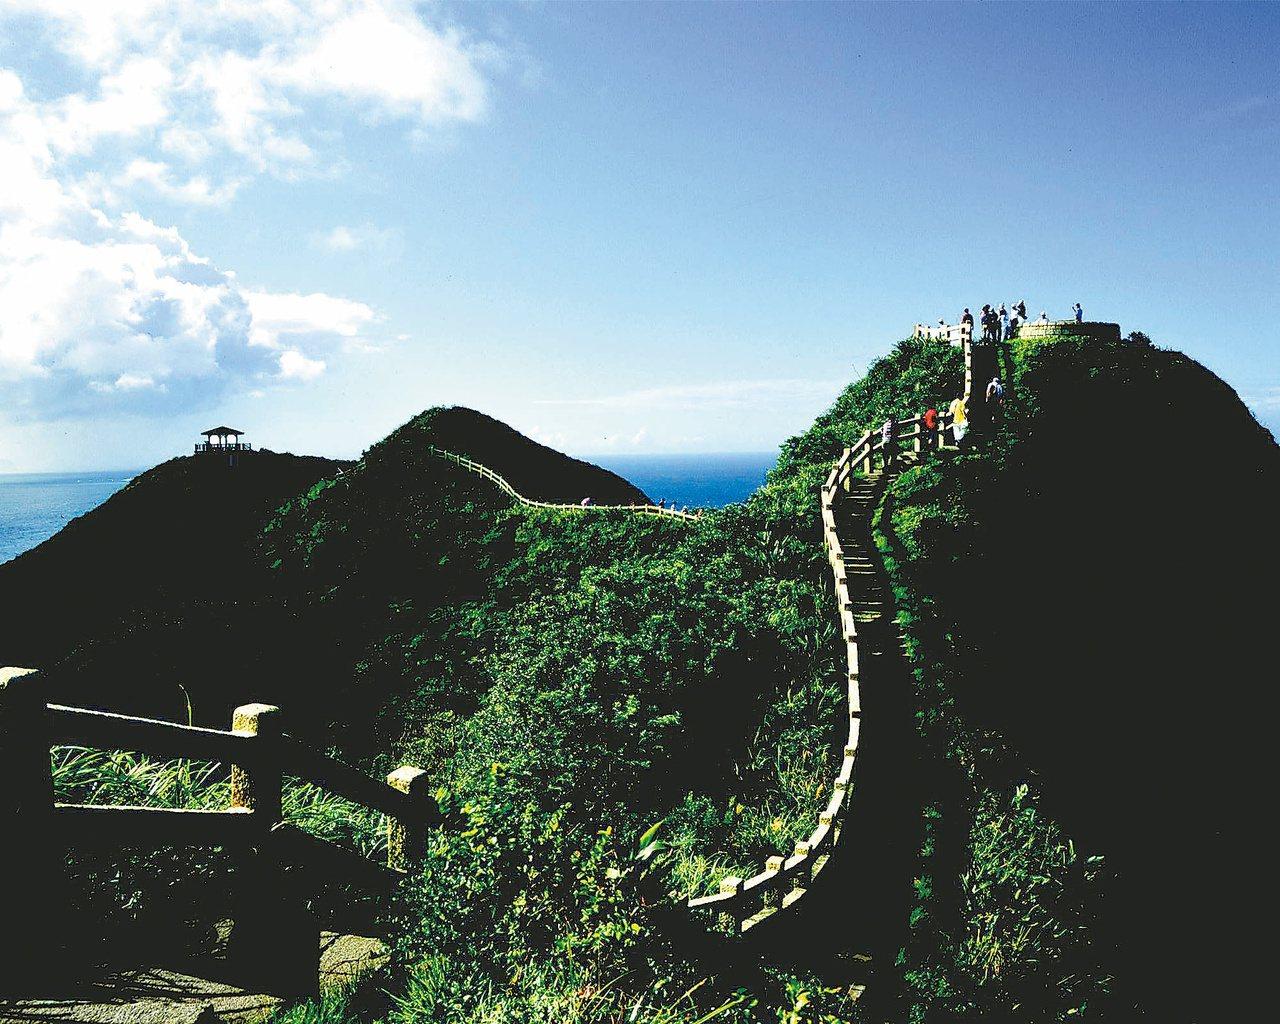 鼻頭角步道的稜谷線,走在其上可三百六十度飽覽山海風光,欣賞基隆山、無耳茶壺山、岬...